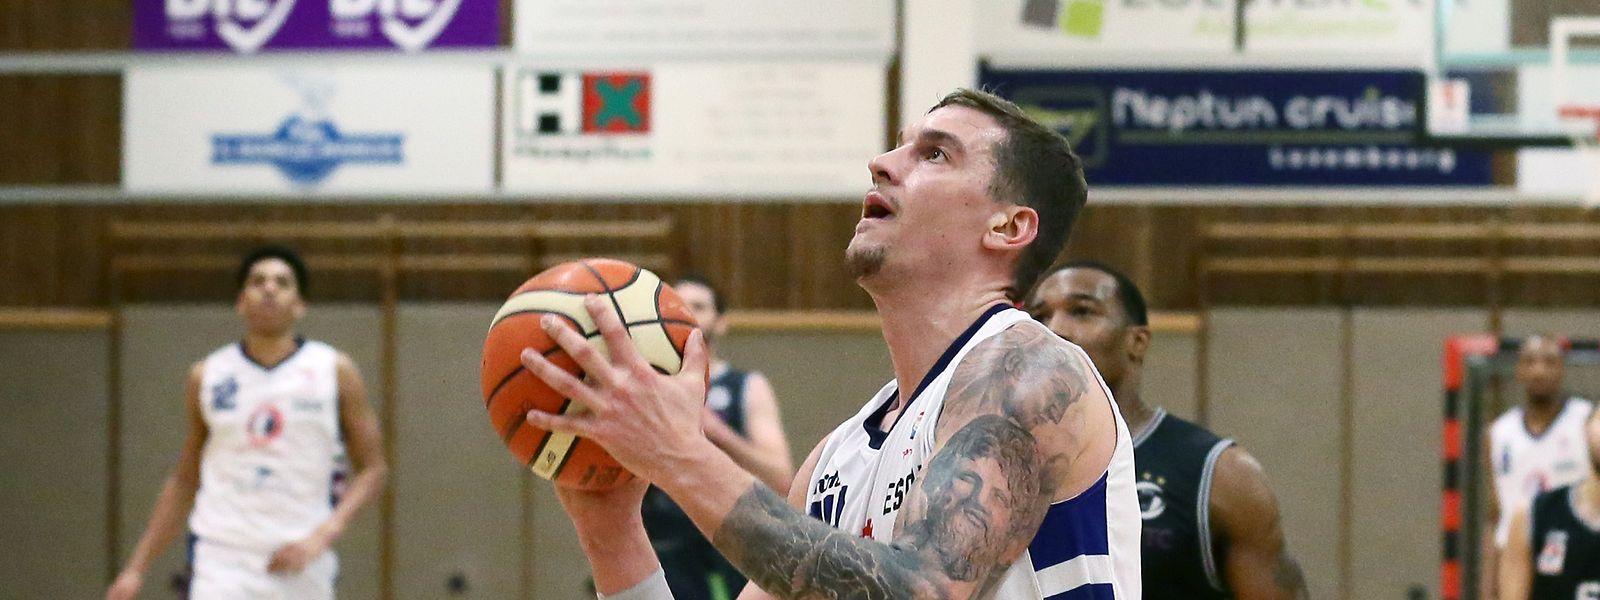 Alex Rodenbourg kann sich mit Basket Esch über den Meistertitel freuen.